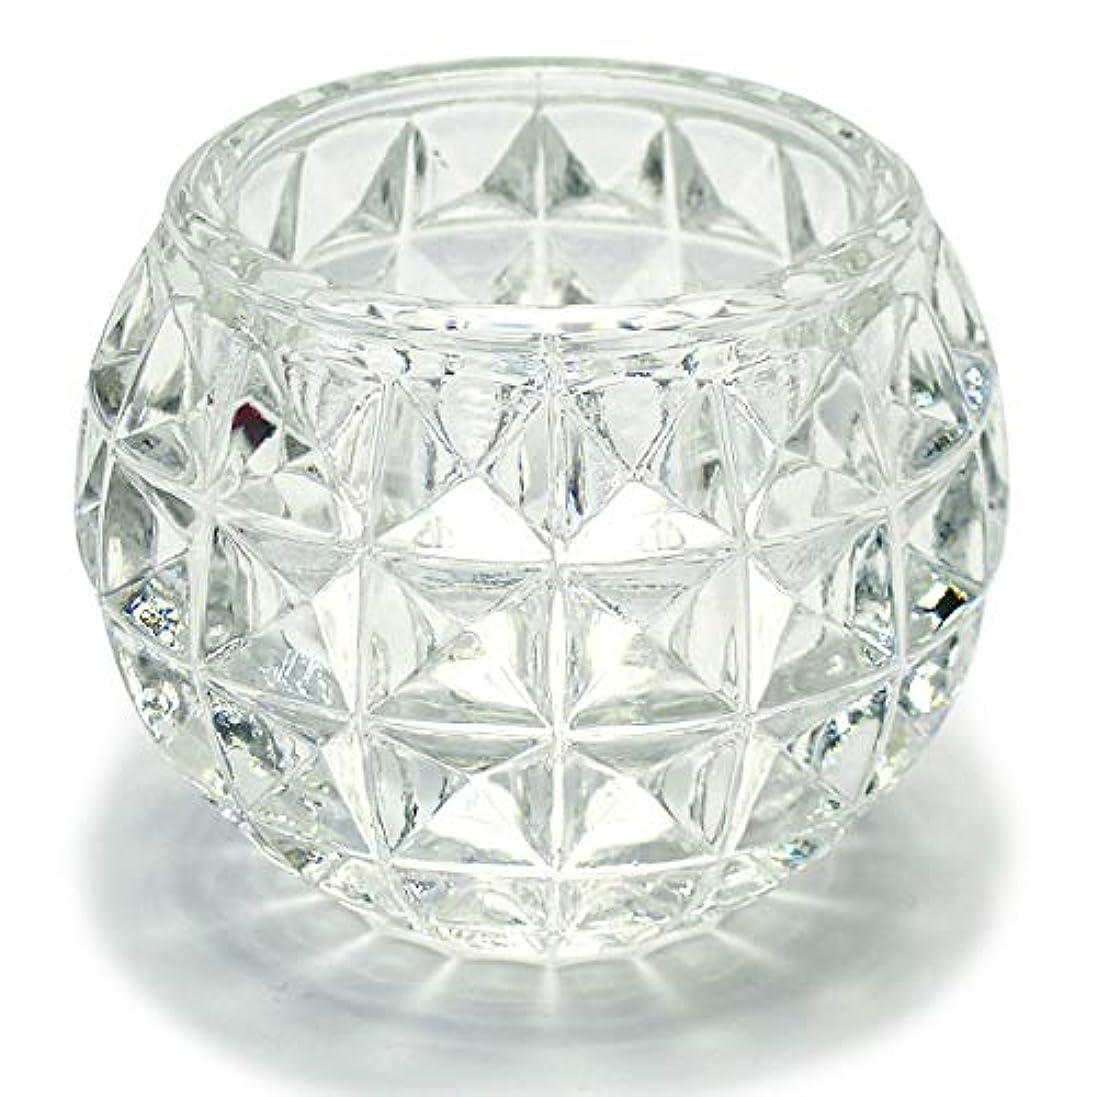 妨げる嫉妬昼間キャンドルホルダー ガラス 5 キャンドルスタンド クリスマス ティーキャンドル 誕生日 記念日